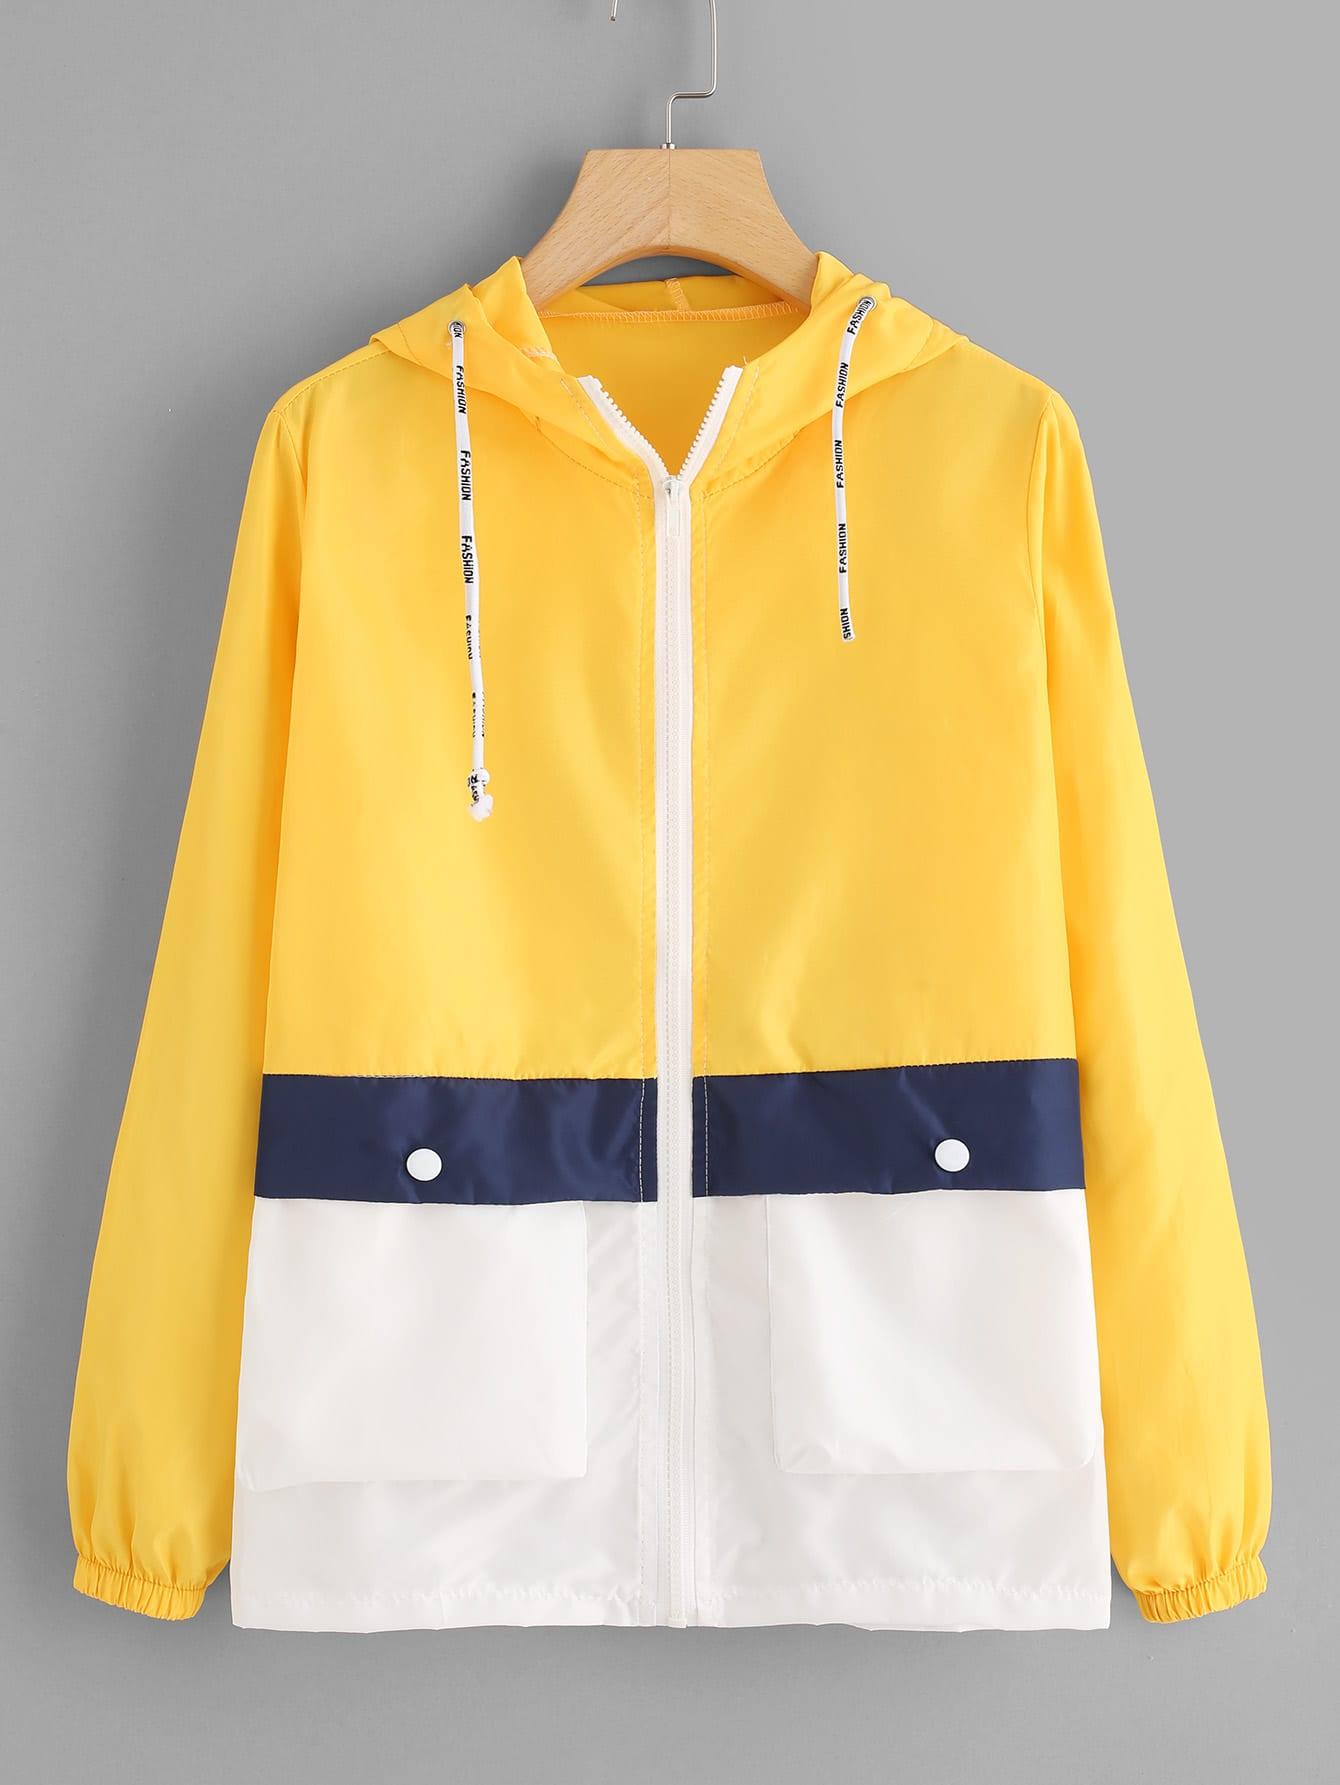 Купить Видспорта на кулиске Многоцветный Жакеты + Куртки, null, SheIn